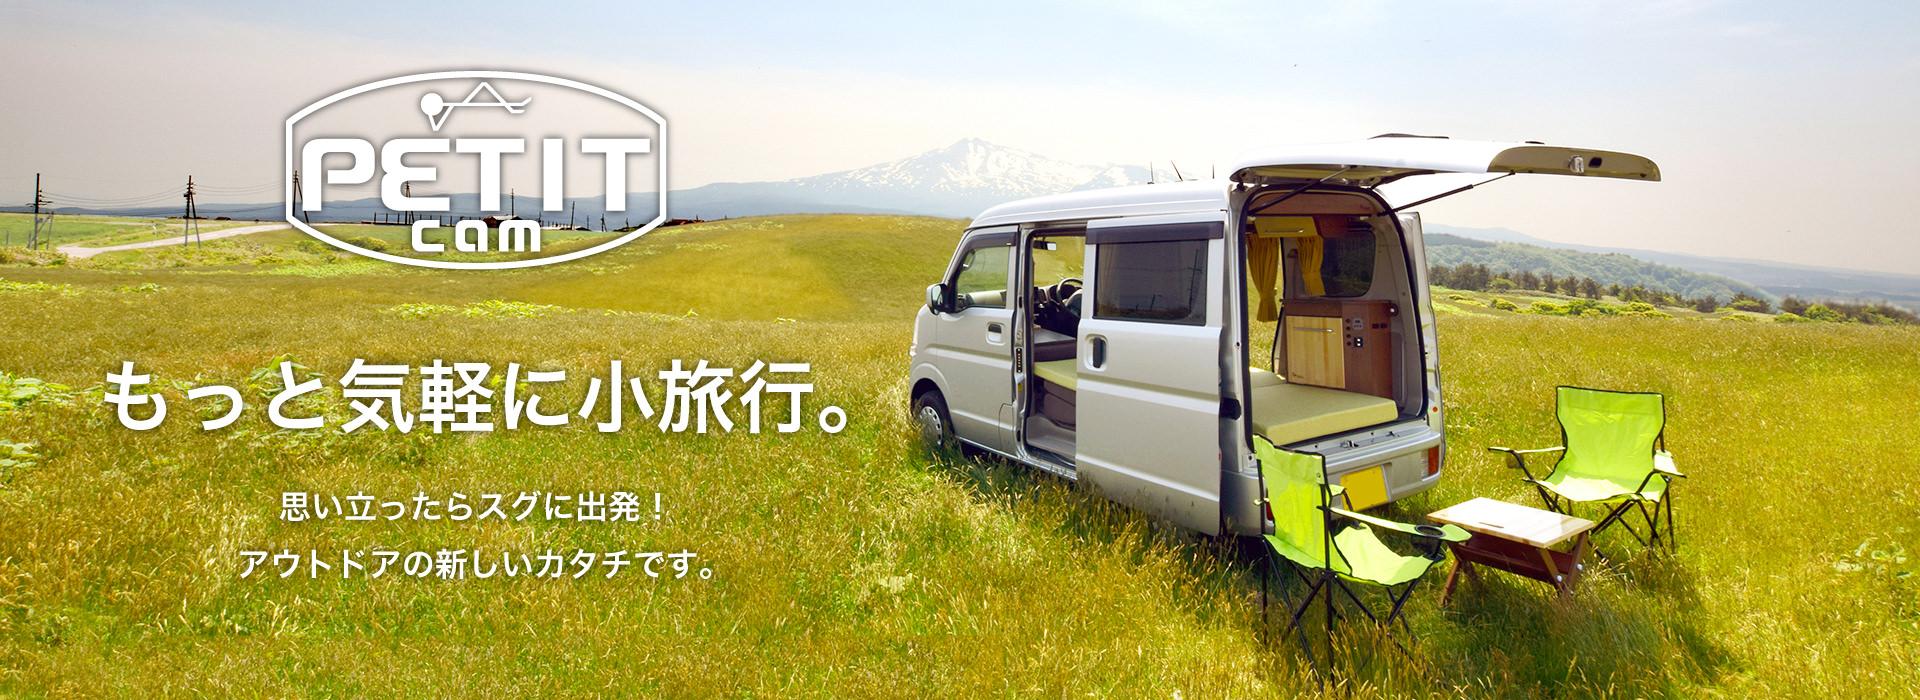 軽キャンピングカー03